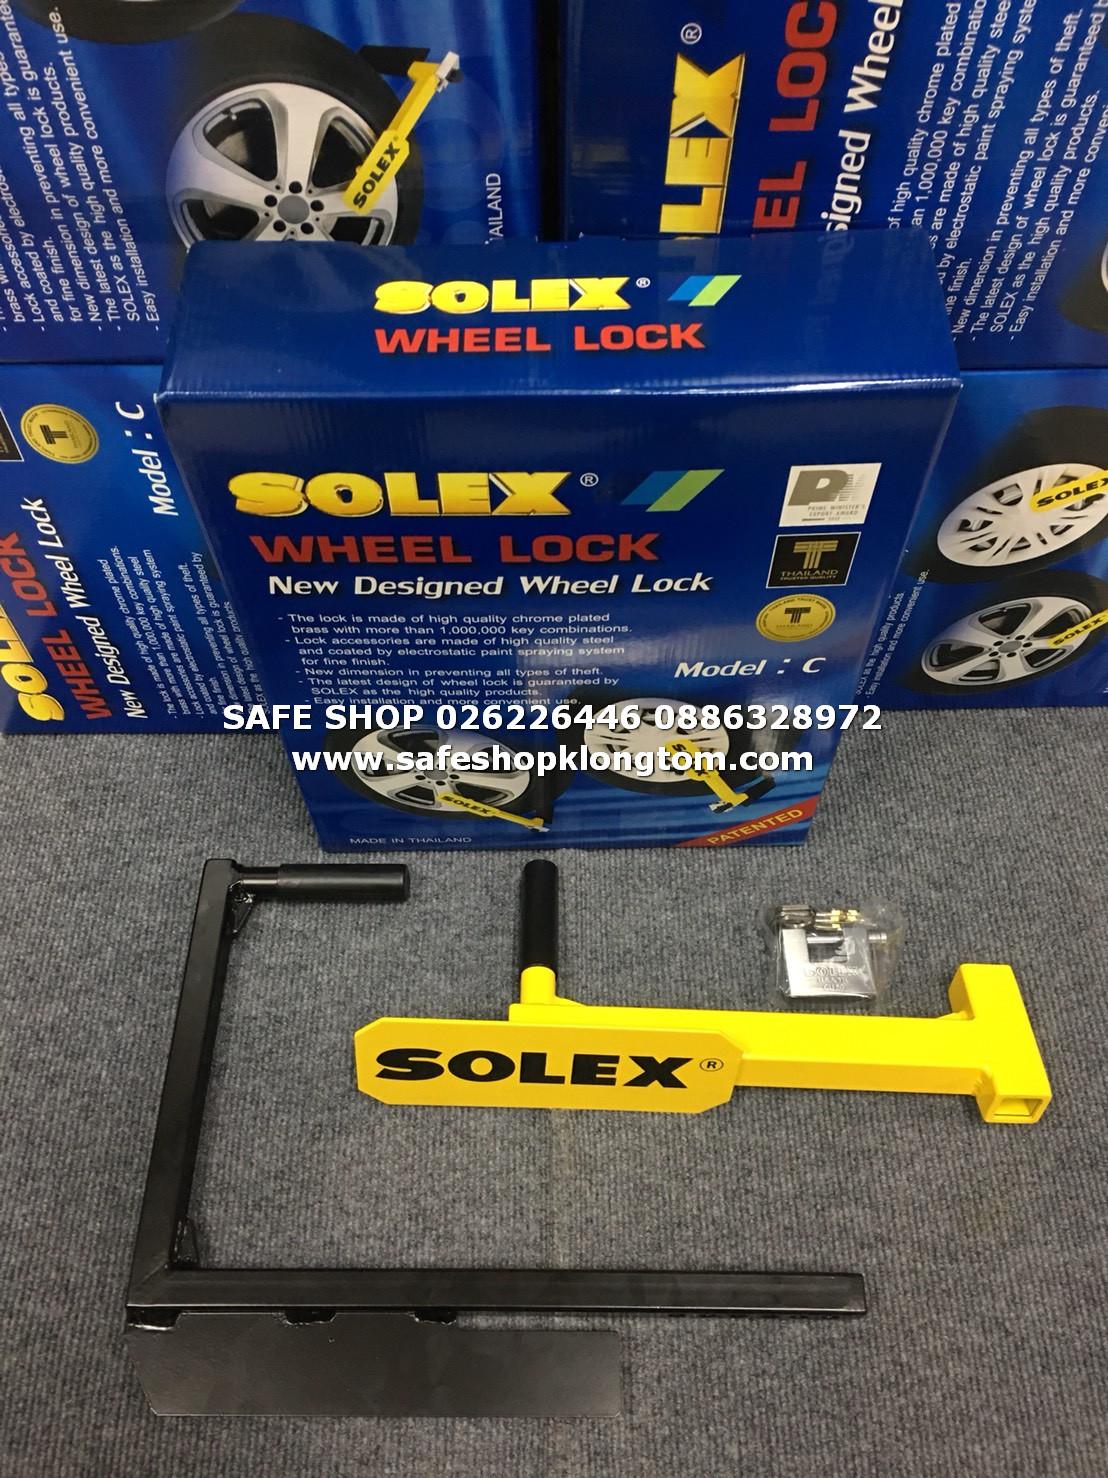 ล็อคล้อรถยนต์ Solex Model C ล็อคล้อกันขโมยแบบฟรีไซส์ ราคา 1100บาท